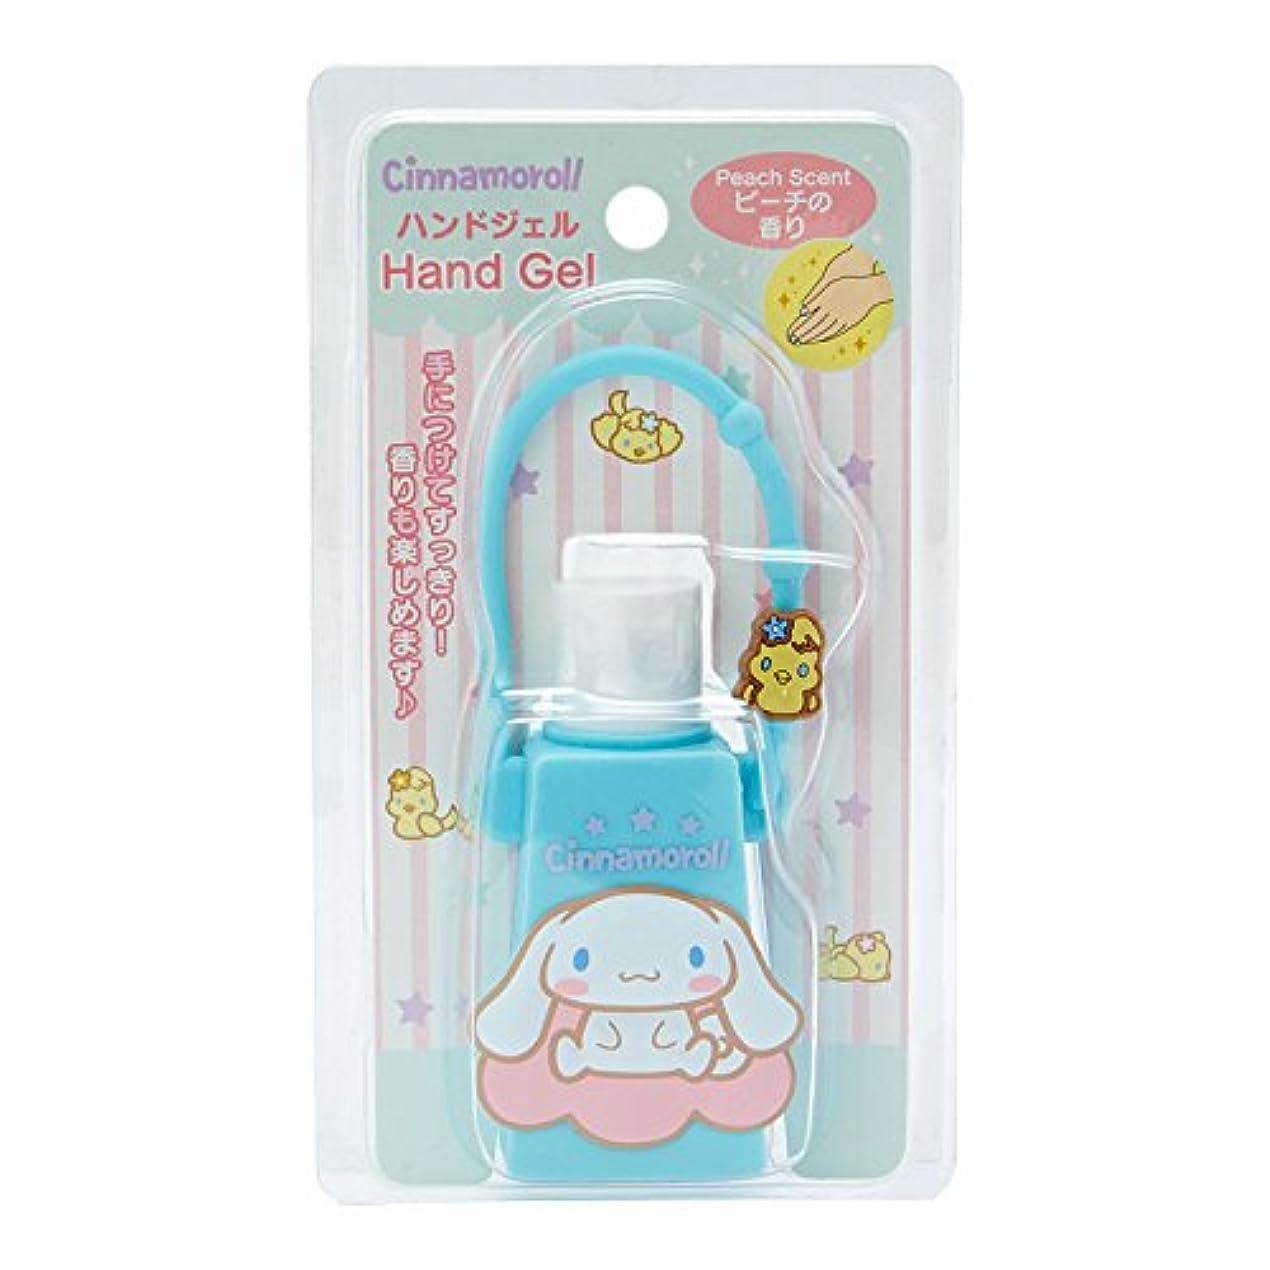 王族野球欠かせないシナモロール 携帯ハンドジェル(ピーチの香り)